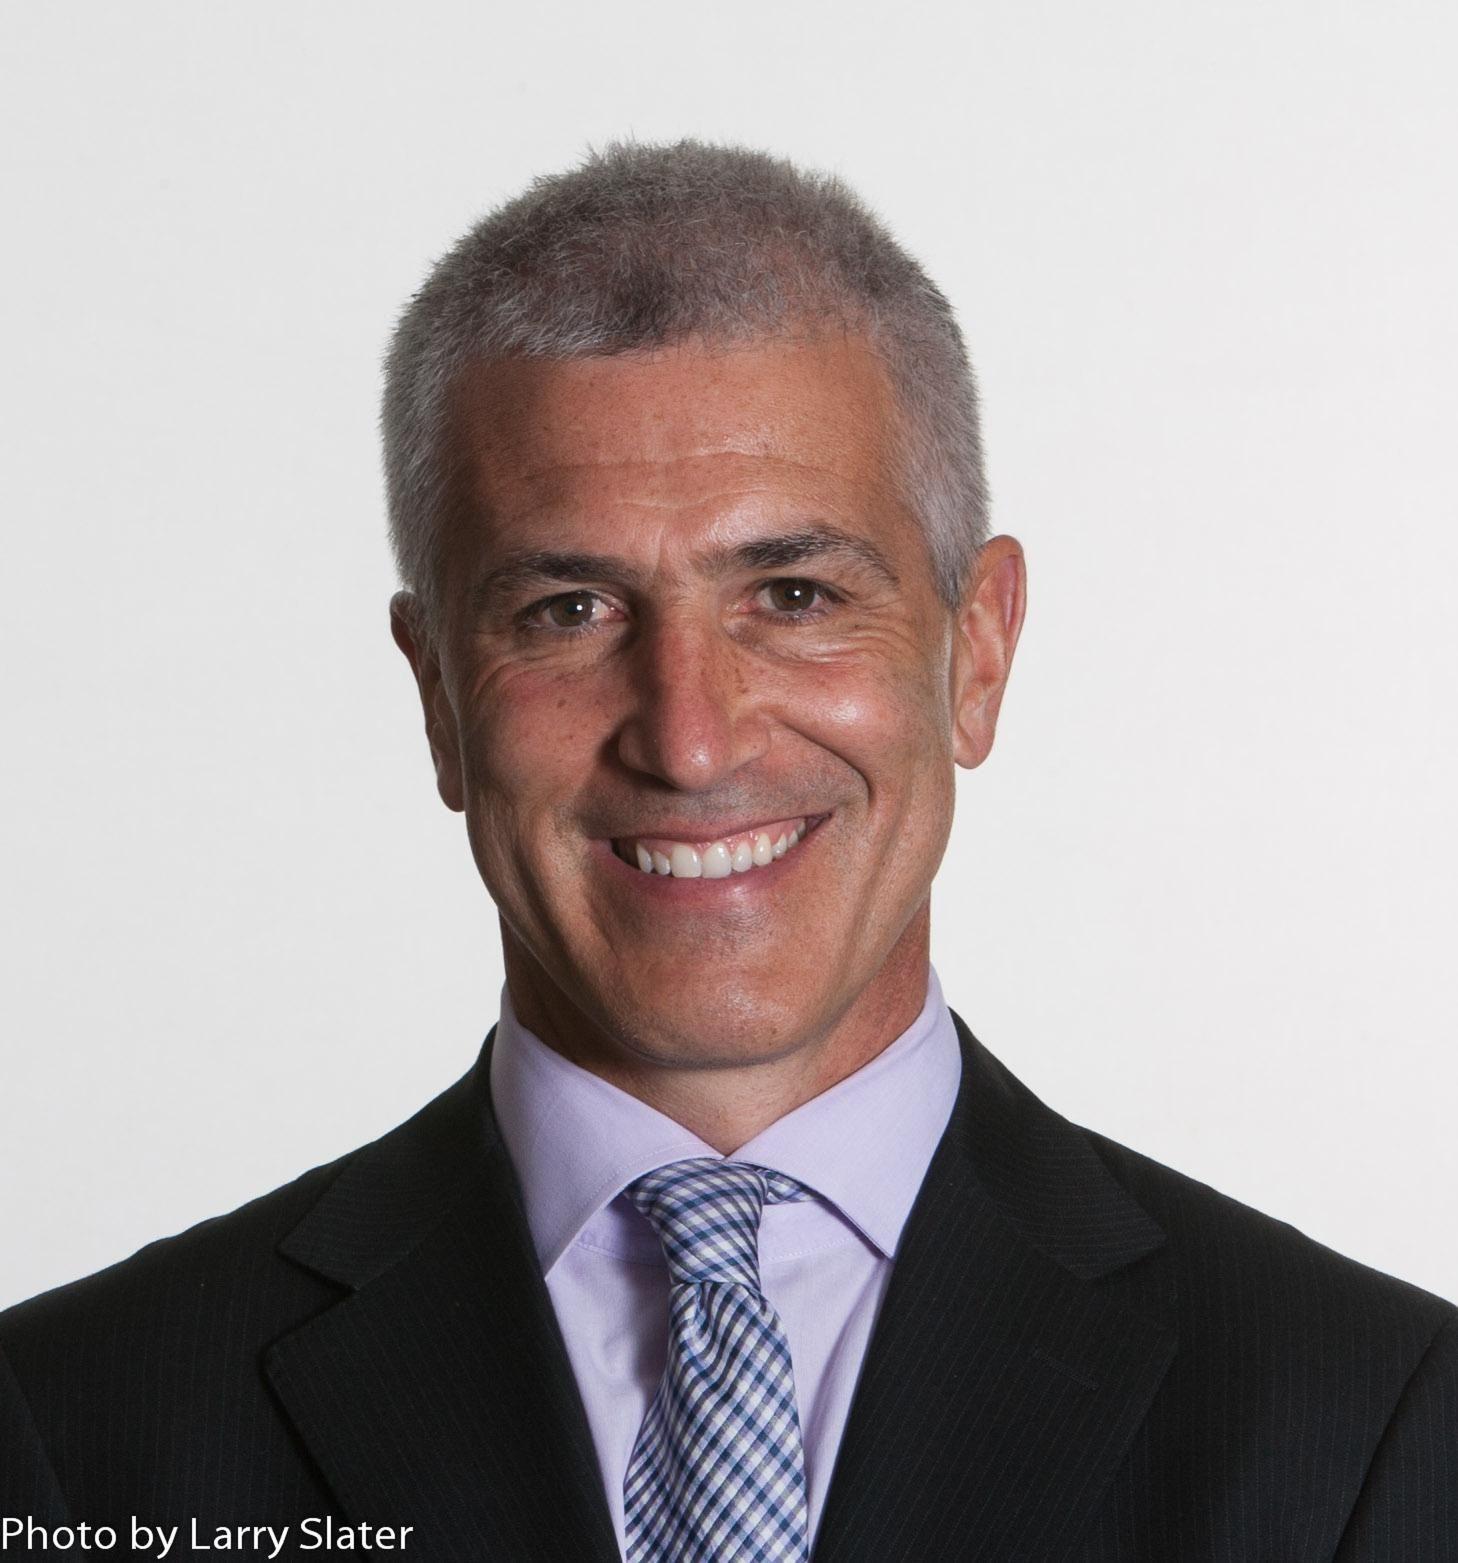 Chris Bevilacqua